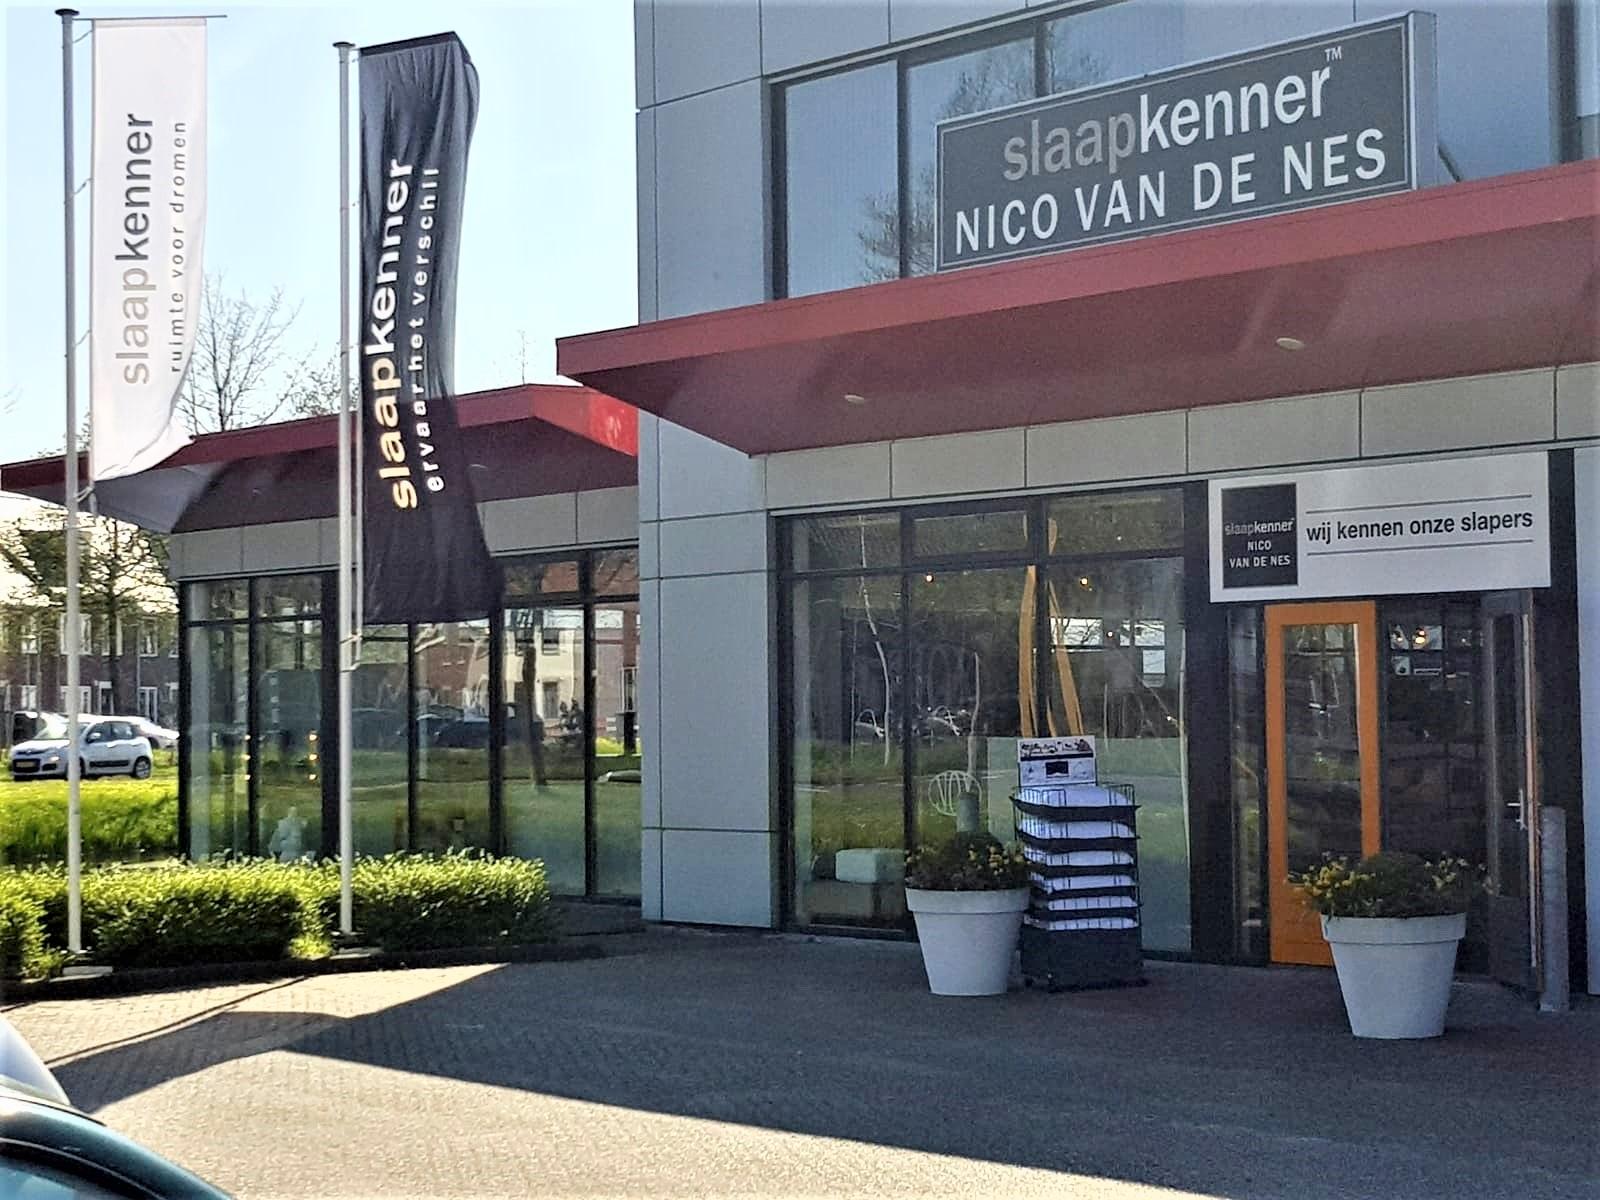 slaapkenner Nico van de Nes Langedijk Schagen Ursem